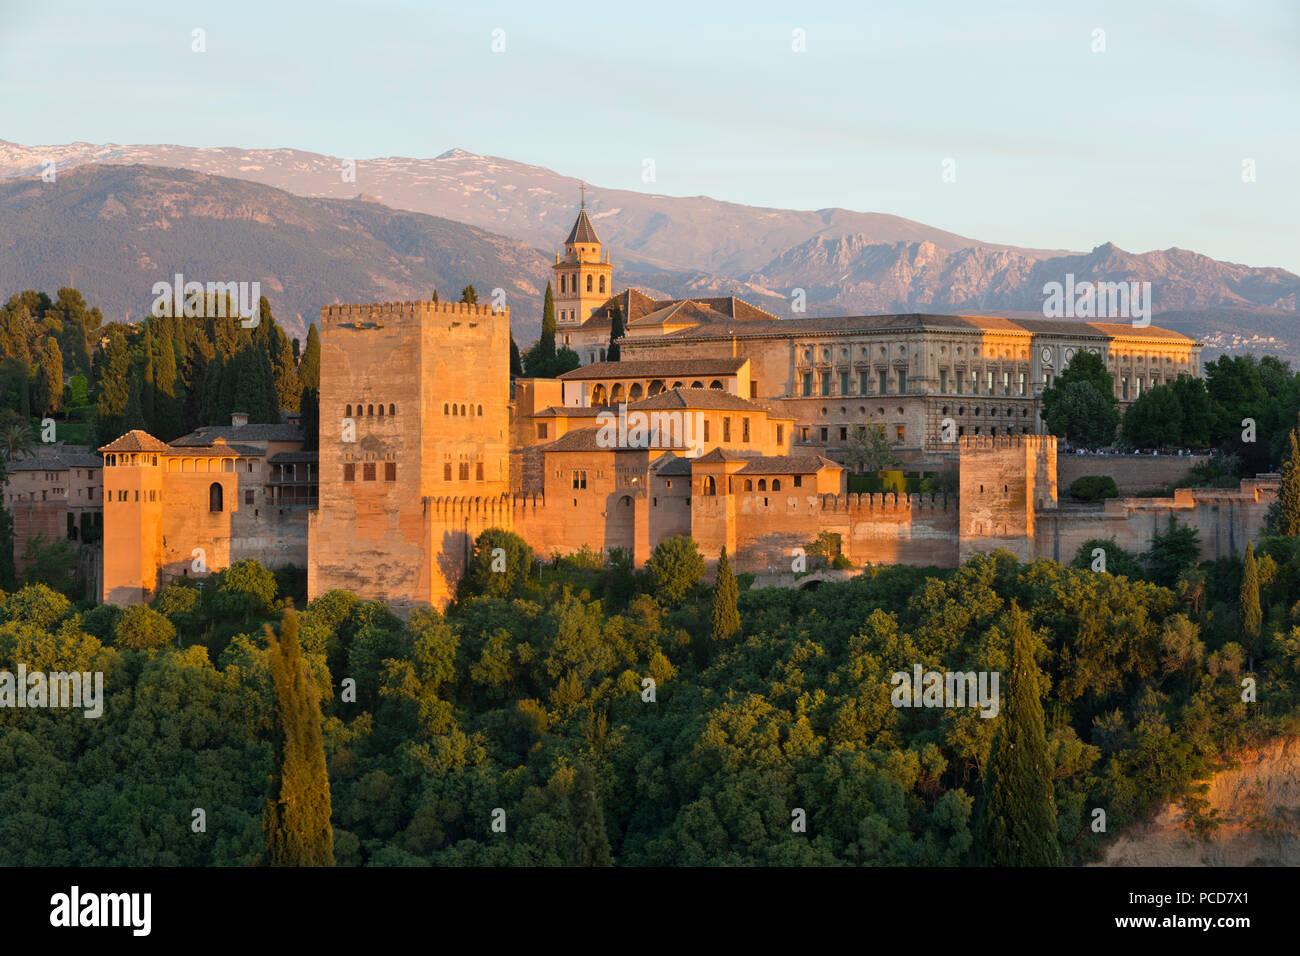 L'Alhambra, Site du patrimoine mondial de l'UNESCO, et de la Sierra Nevada dans la lumière du soir de Mirador de San Nicolas, Grenade, Andalousie, Espagne, Europe Photo Stock